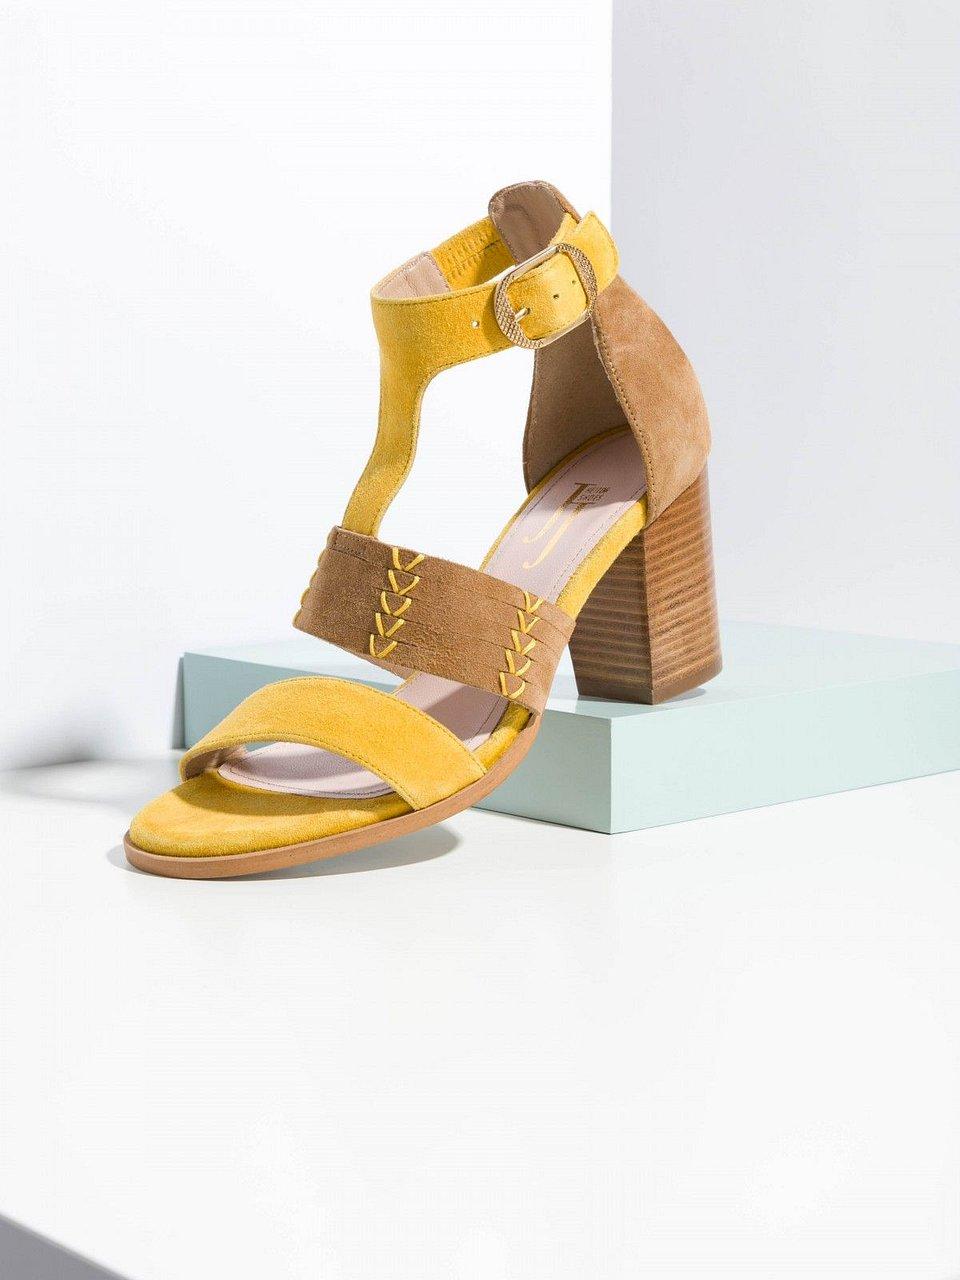 2e50ad721 Sandálias amarelas com fivela | JJHeitor | 140,00€ - Umas versáteis  sandálias com fivela amarelas para mulher , criadas pela JJHeitor. O amarelo  simboliza a ...